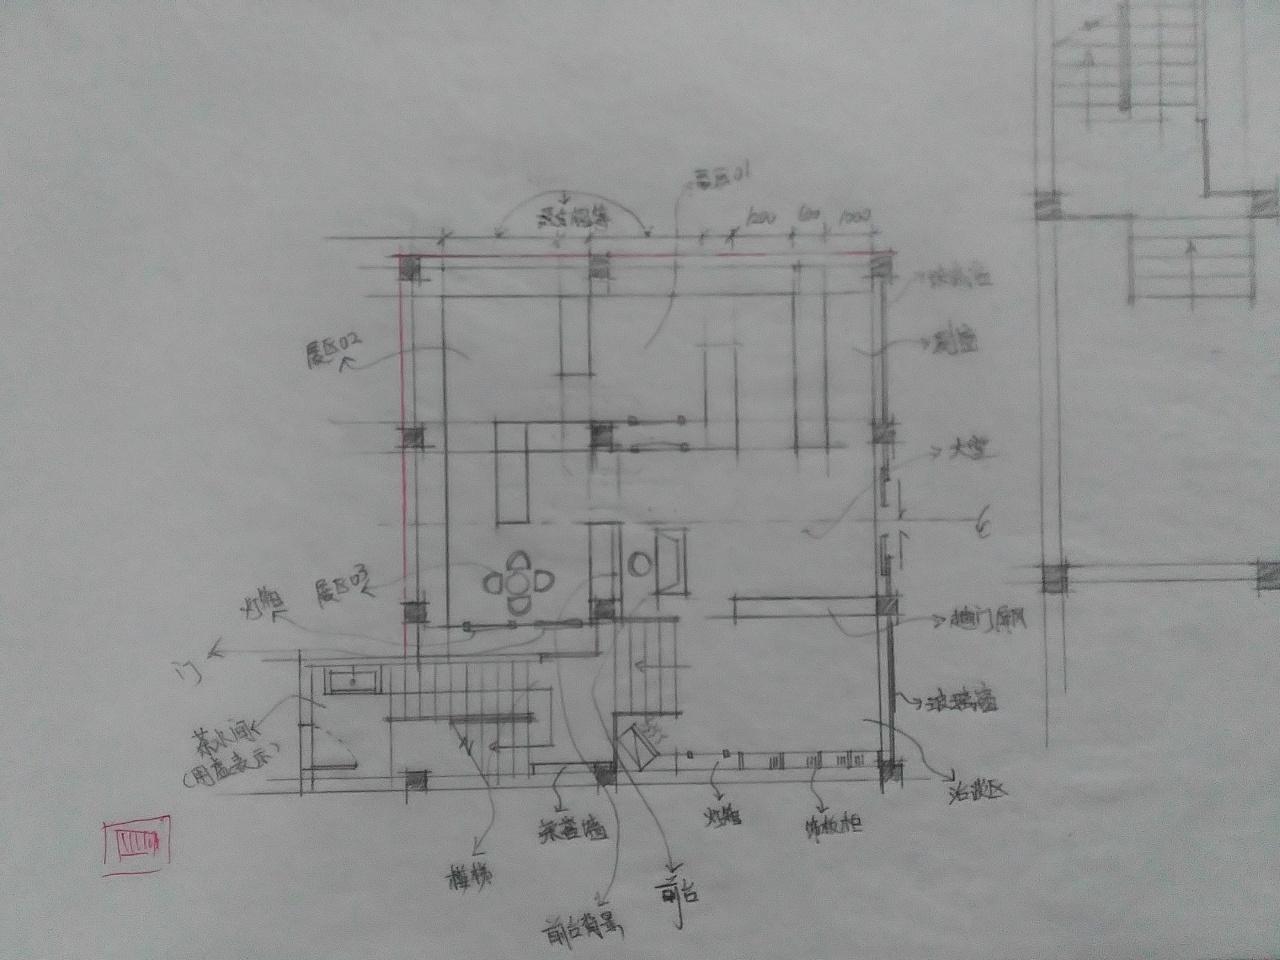 平面布局手绘图